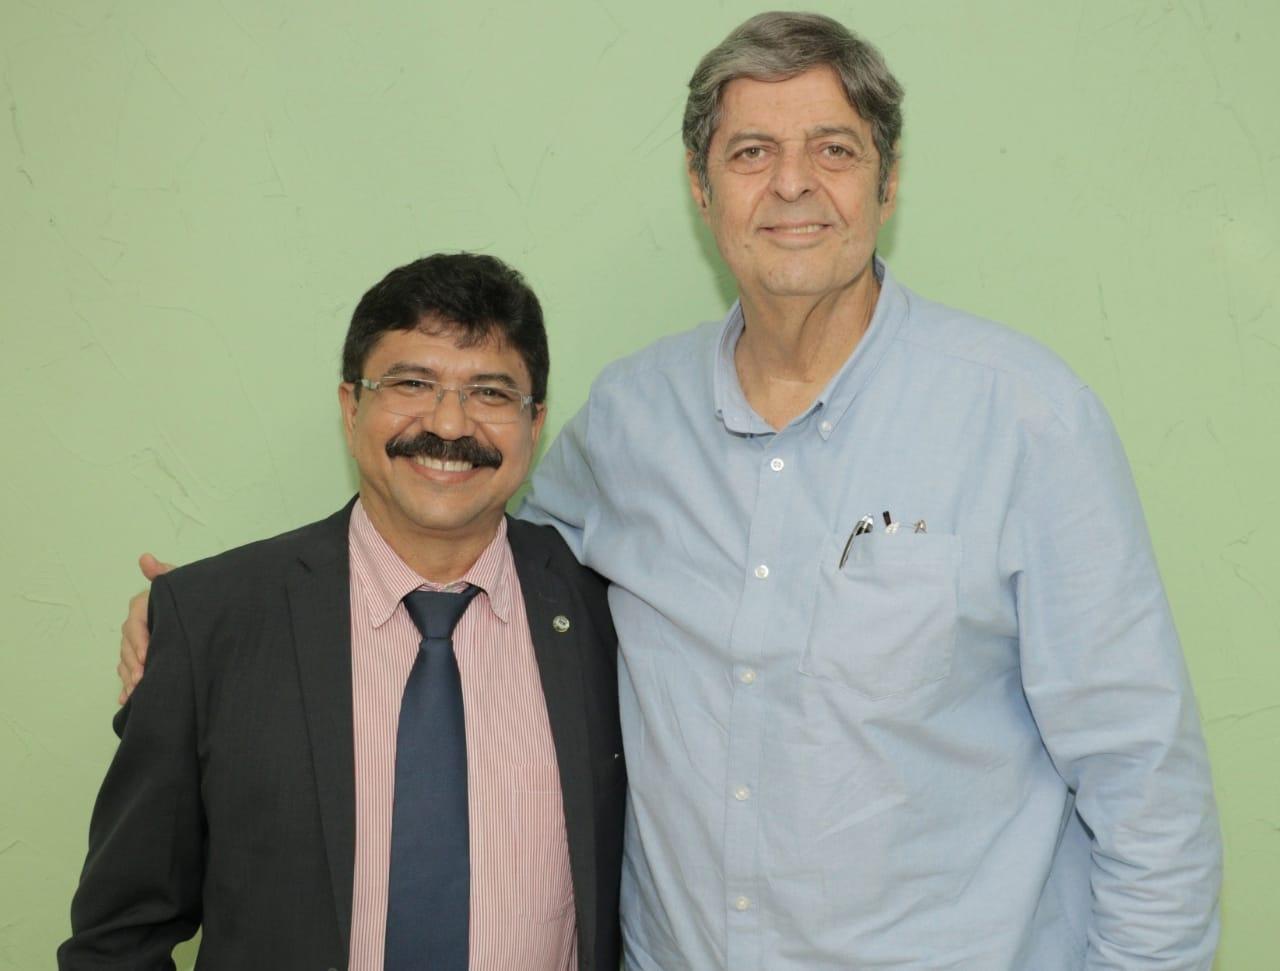 Na sede do SINDAÇÚCAR/PE, o Presidente Renato Cunha recebe o Deputado Estadual Antônio Fernando, a fim de tratar sobre o canal do Sertão em Ouricuri/PE,</br> para implantação de polo sucroenergético no oeste pernambucano, dia 20/fevereiro/2019